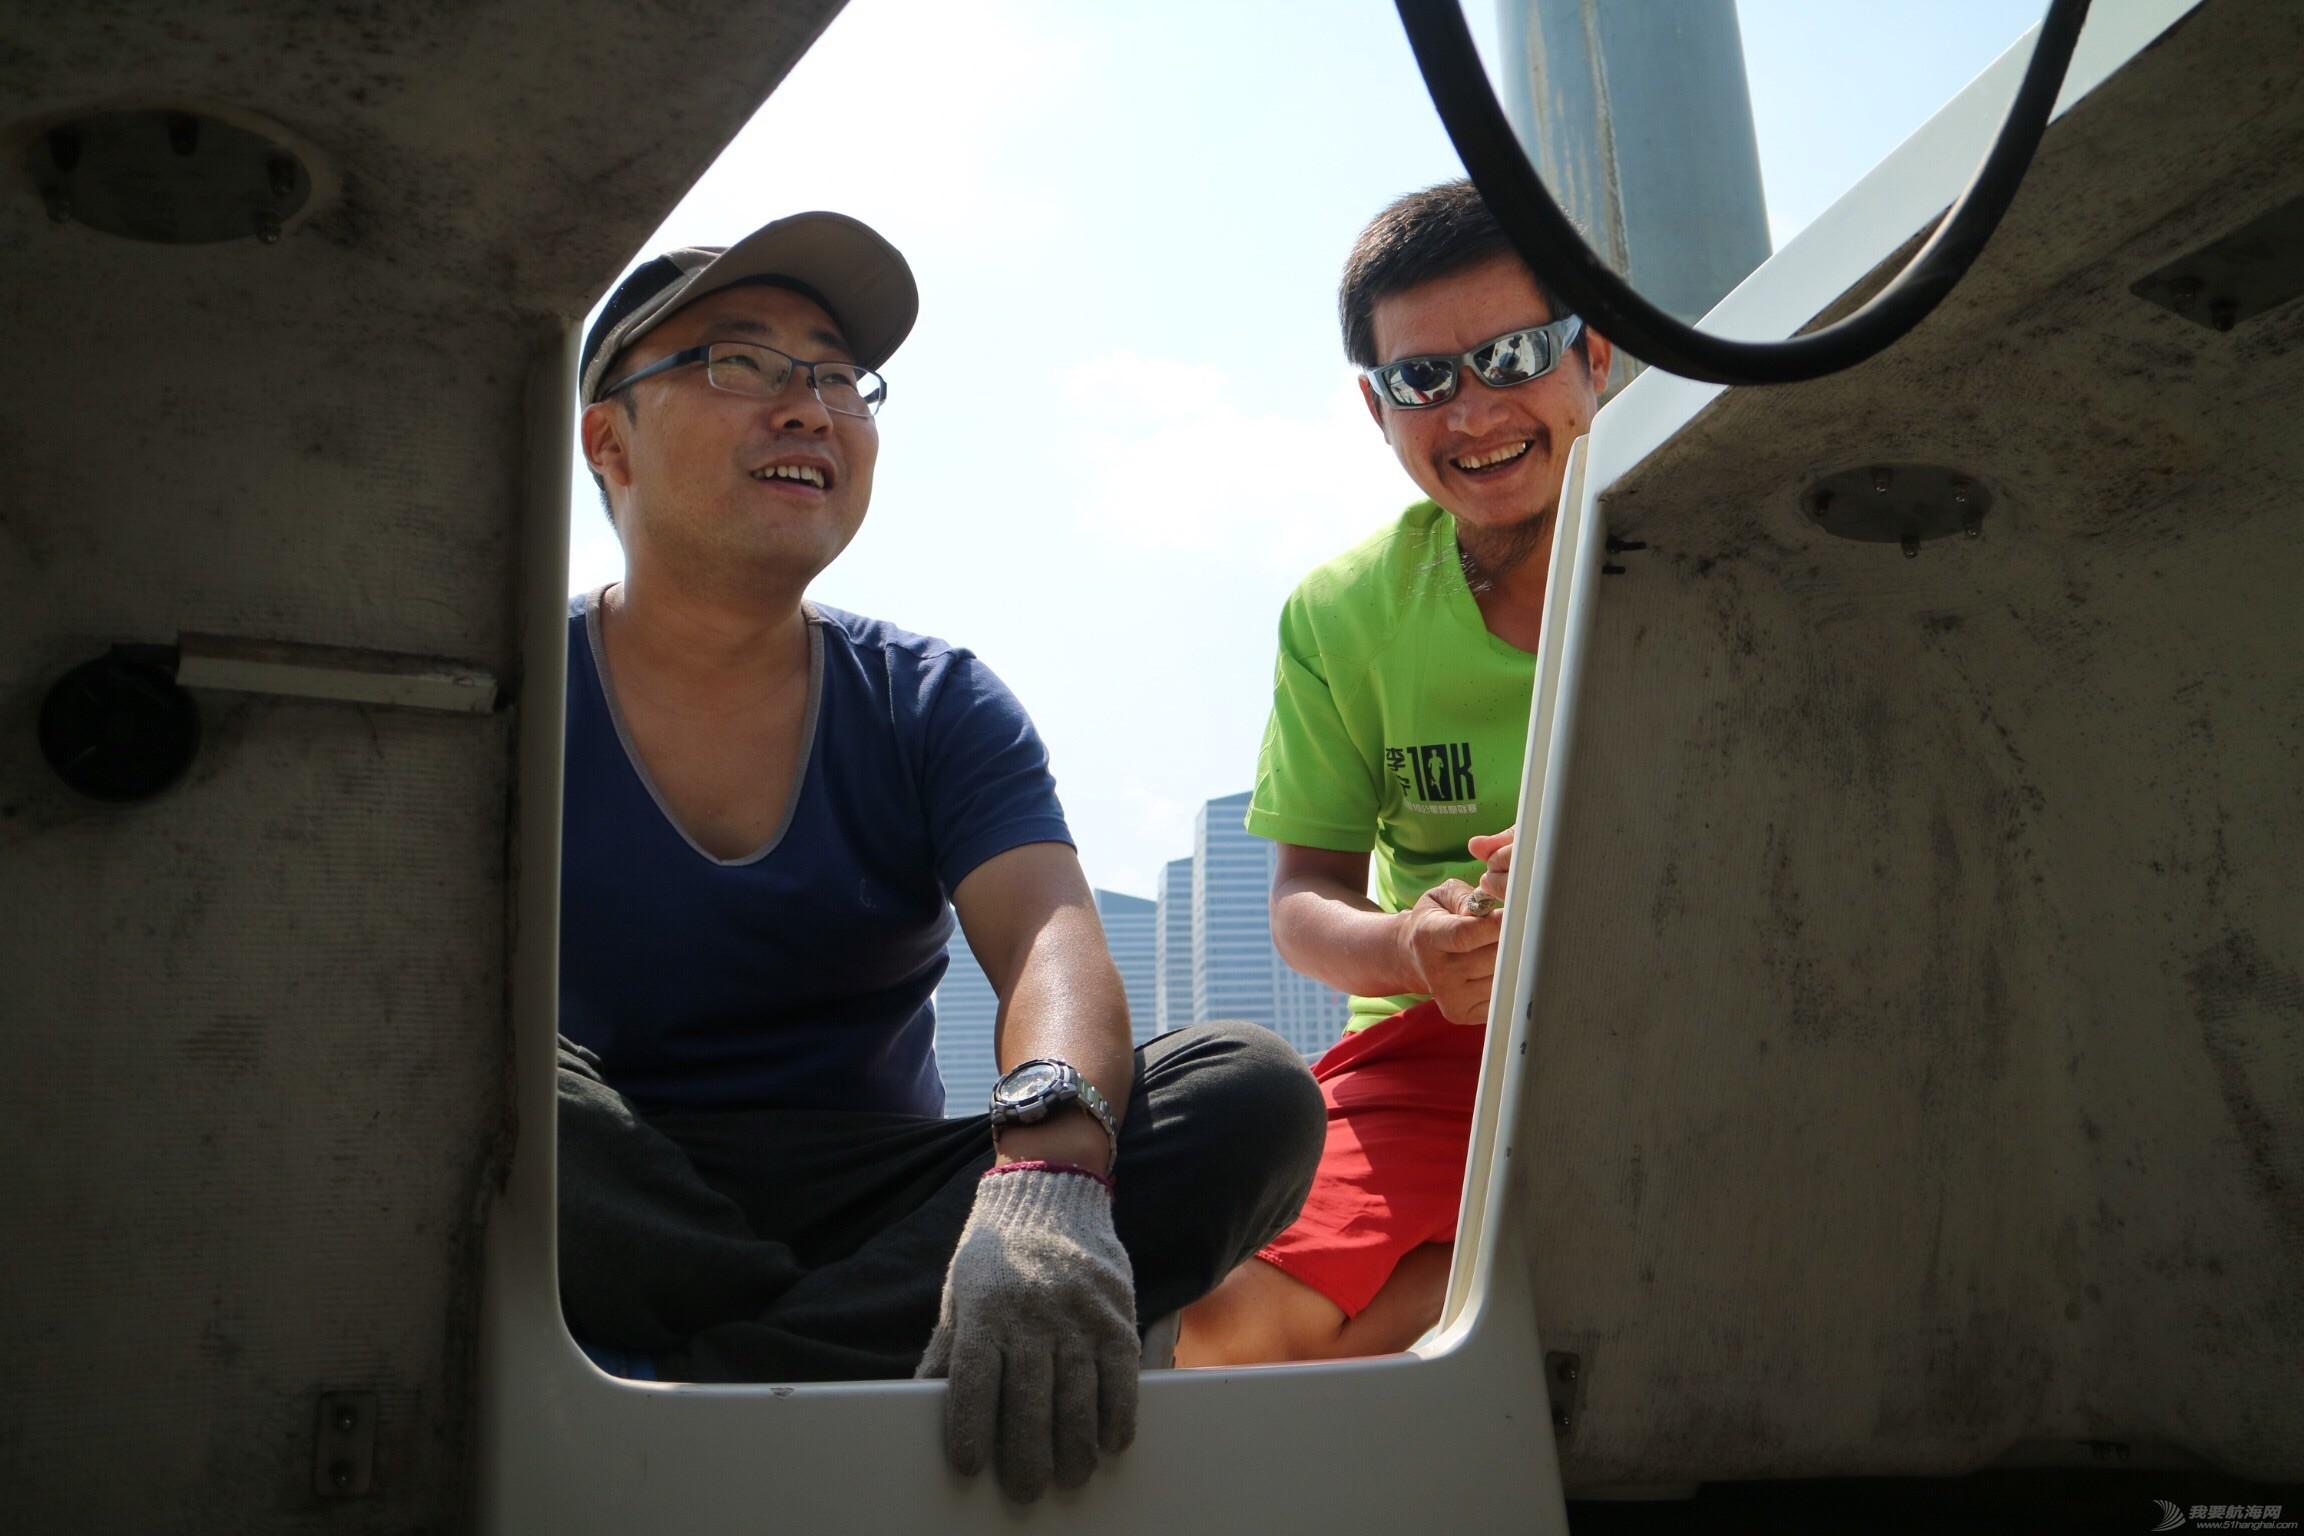 大块头,年轻人,上海,唐山,点心 cat的航海日志之(大块头很猛,小块头很牛)22章节 image.jpg